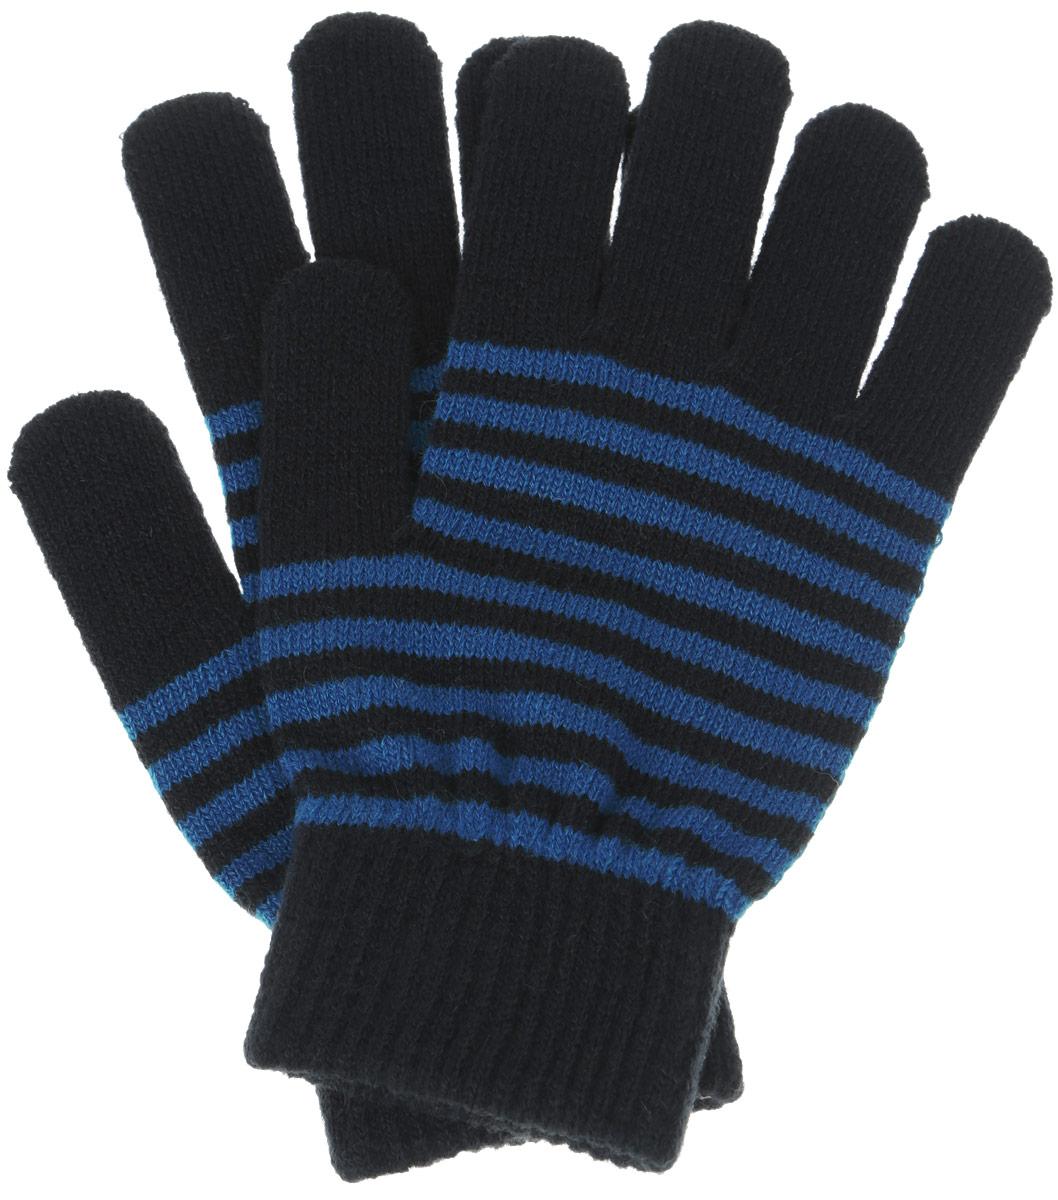 Перчатки для мальчика. GL-843/052-6302GL-843/052-6302Вязаные перчатки для мальчика Sela идеально подойдут для прогулок в прохладное время года. Изготовленные из высококачественного материала, очень мягкие и приятные на ощупь, не раздражают нежную кожу ребенка, обеспечивая ему наибольший комфорт, хорошо сохраняют тепло. Уютные трикотажные перчатки оформлены разноцветными горизонтальными полосками. Верх модели на мягкой резинке, которая не стягивает запястья и надежно фиксирующими перчатки на руках ребенка. Современный дизайн и расцветка делают эти перчатки модным и стильным предметом детского гардероба. В них ваш ребенок будет чувствовать себя уютно и комфортно.